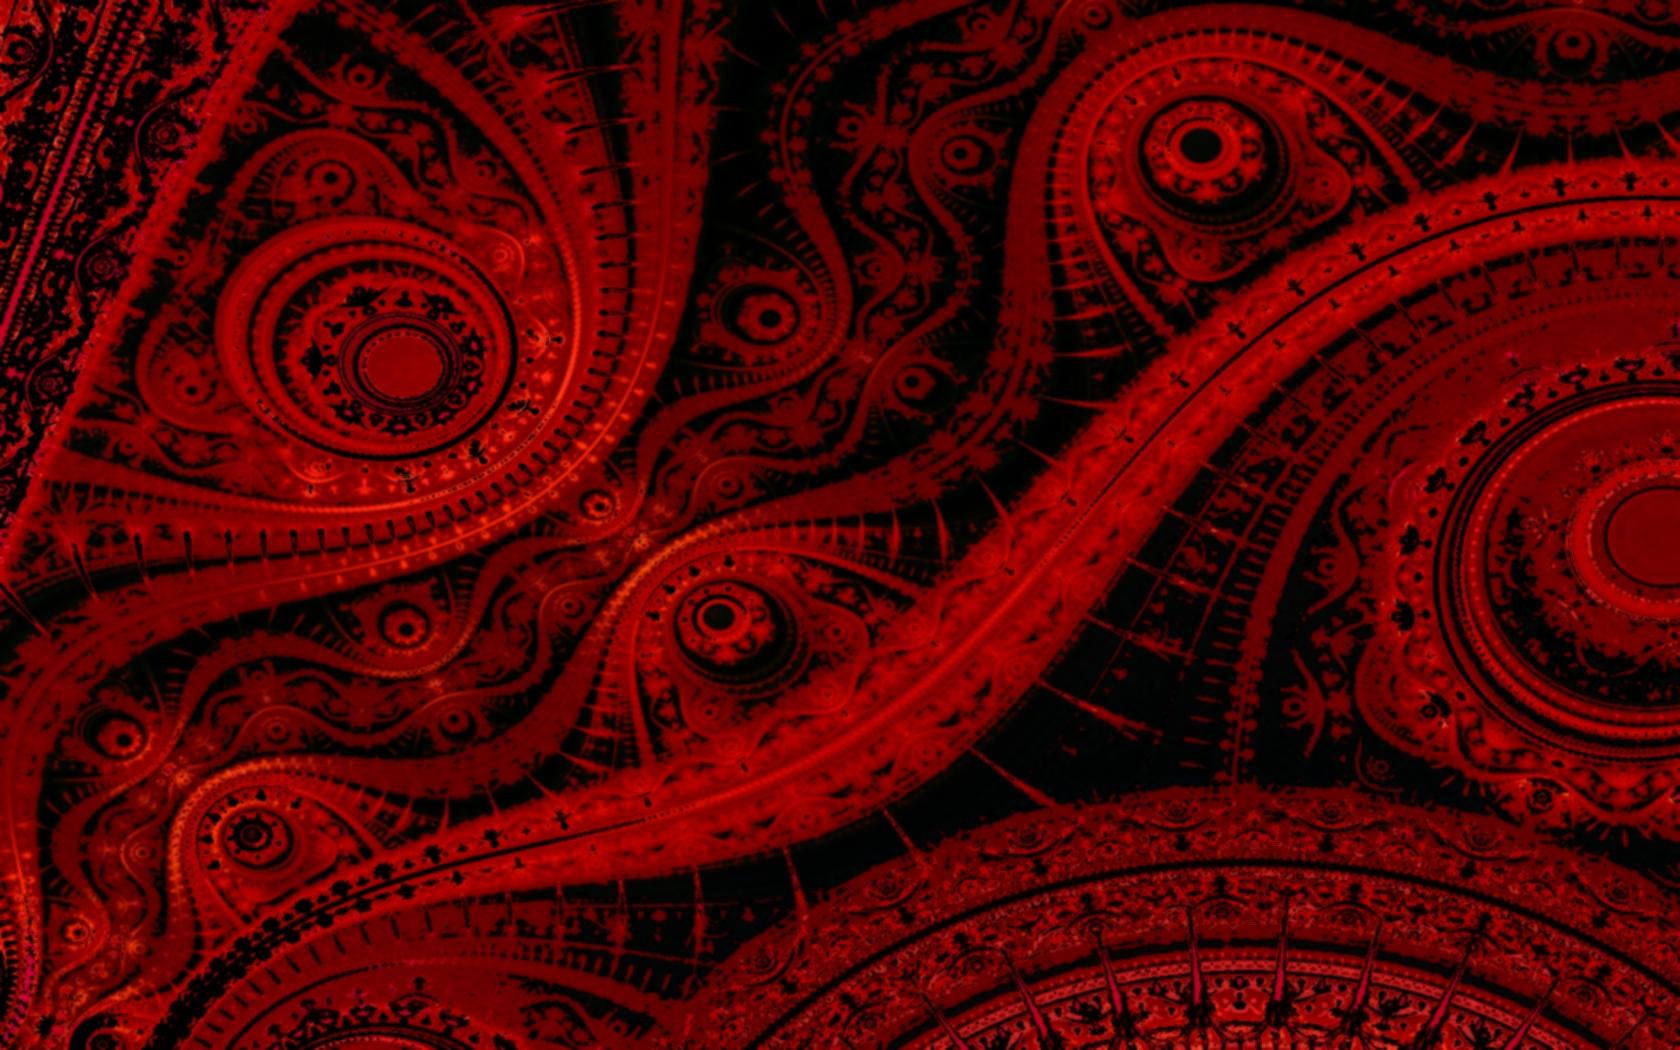 بالصور خلفية حمراء , خلفيات حصرية باللون الاحمر 4670 2